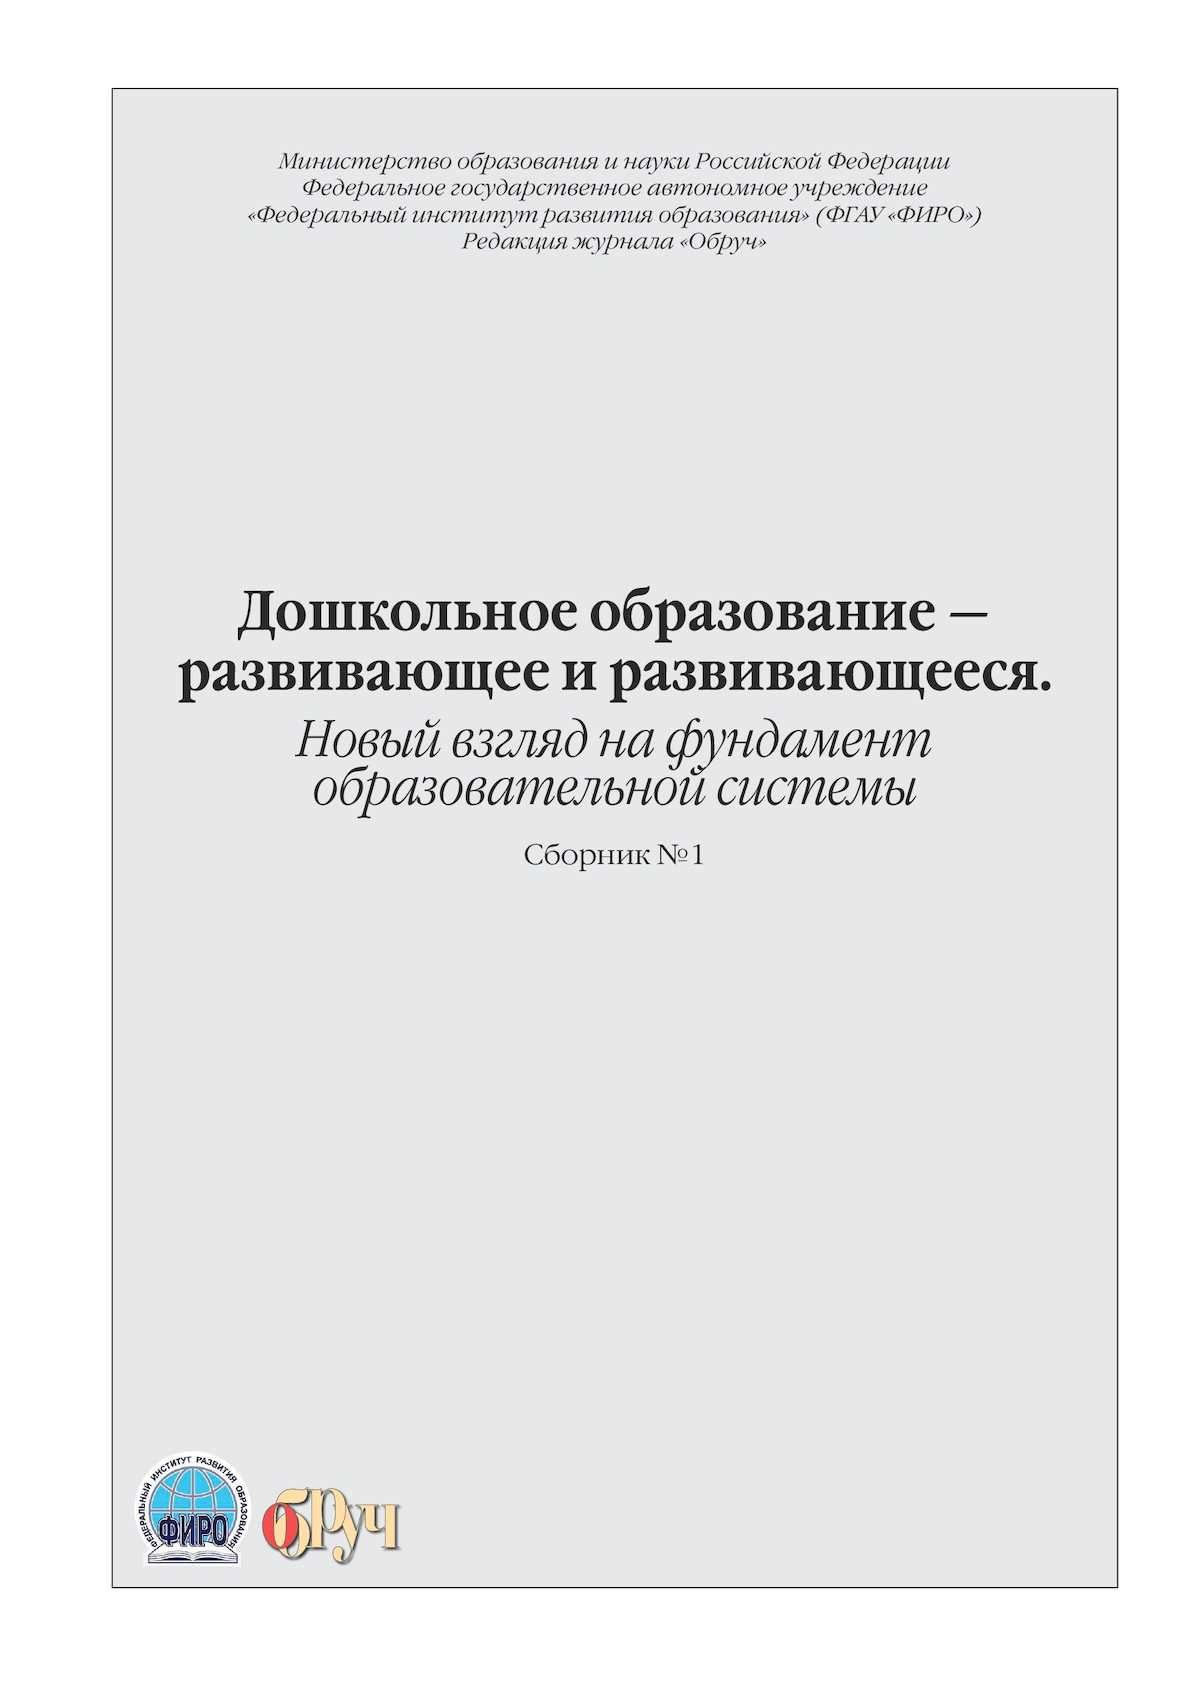 Игровые автоматы.рф джок фемер игровые автоматы клубнички скачать java